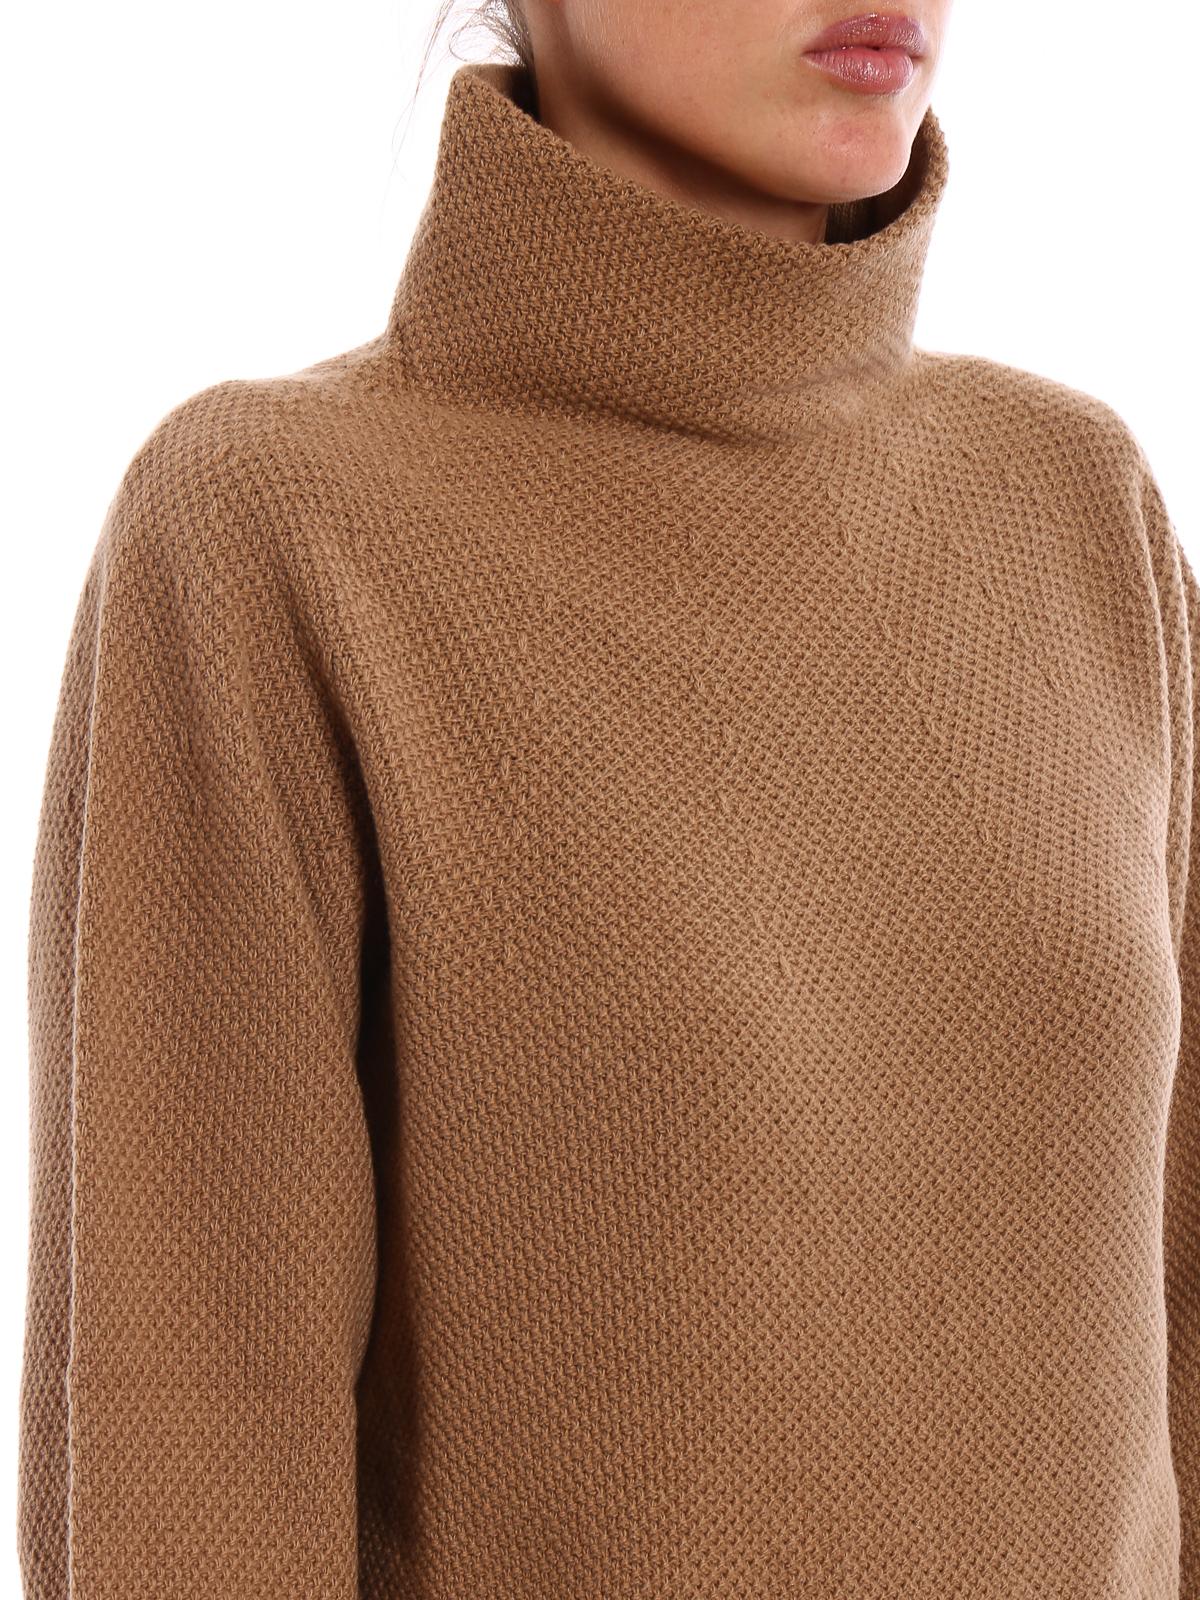 Max Mara buy online Dolcevita Belgio lana e cashmere · Max Mara  maglia a collo  alto ... 45a20f4740e